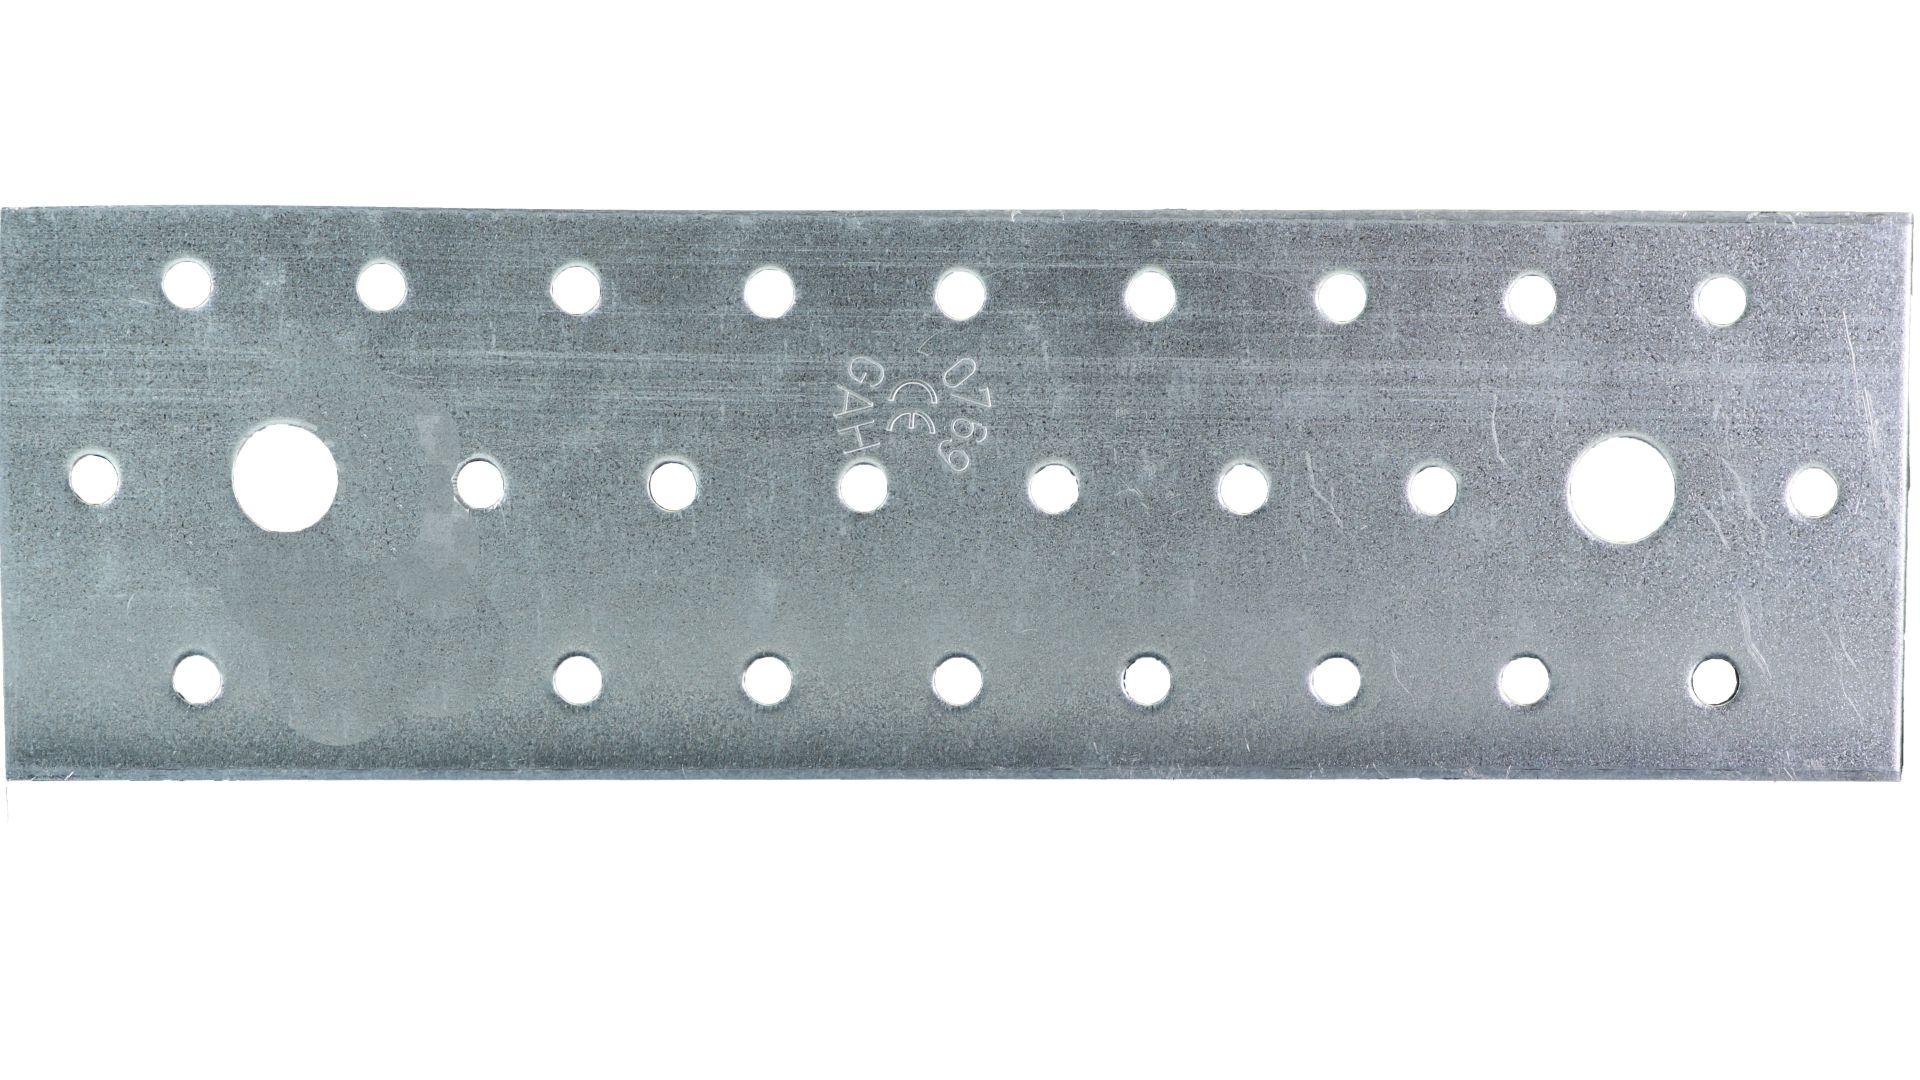 GAH Lochplatte, sendzimirverzinkt, 200 x 60 mm